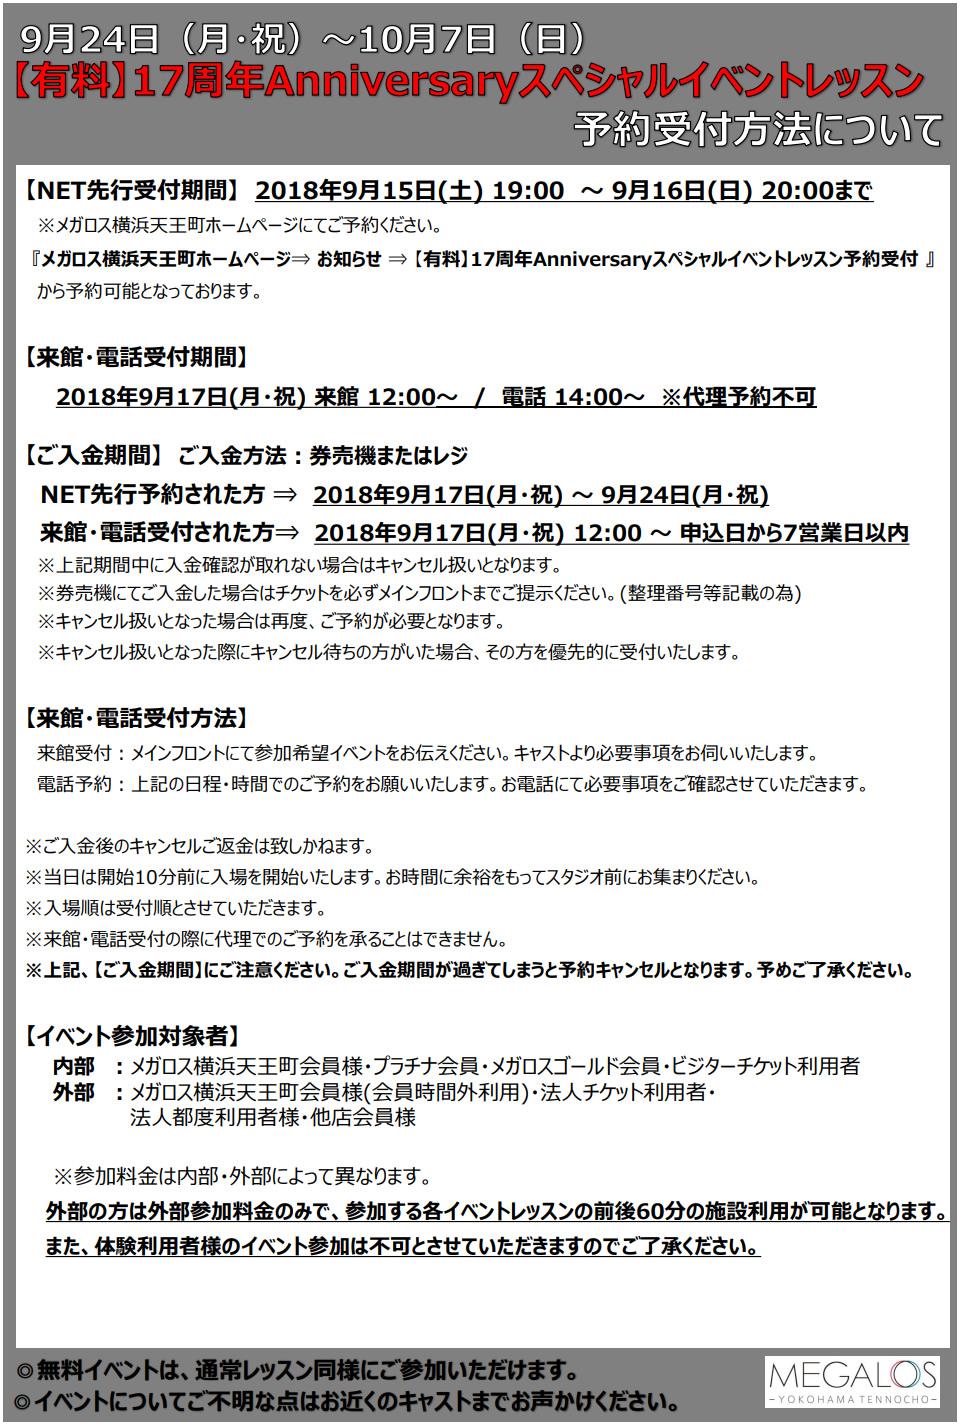 メガロス横浜天王町17周年Anniversary予約受付方法について